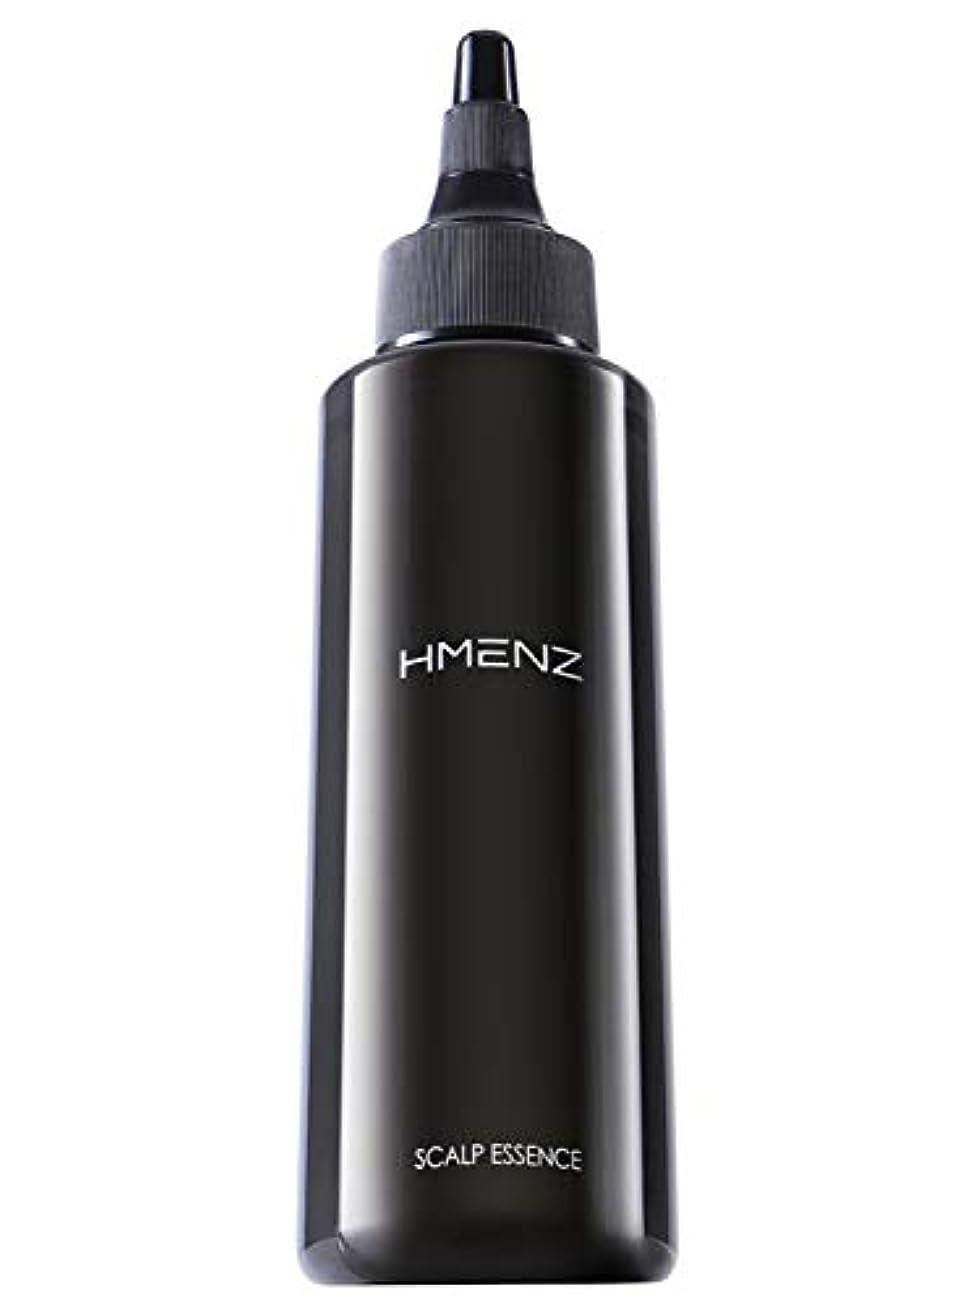 議論する漏斗同級生医薬部外品 HMENZ メンズ 育毛剤 スカルプエッセンス 毛髪エイジングケアシリーズ 和漢根 海藻配合 育毛トニック 120ml